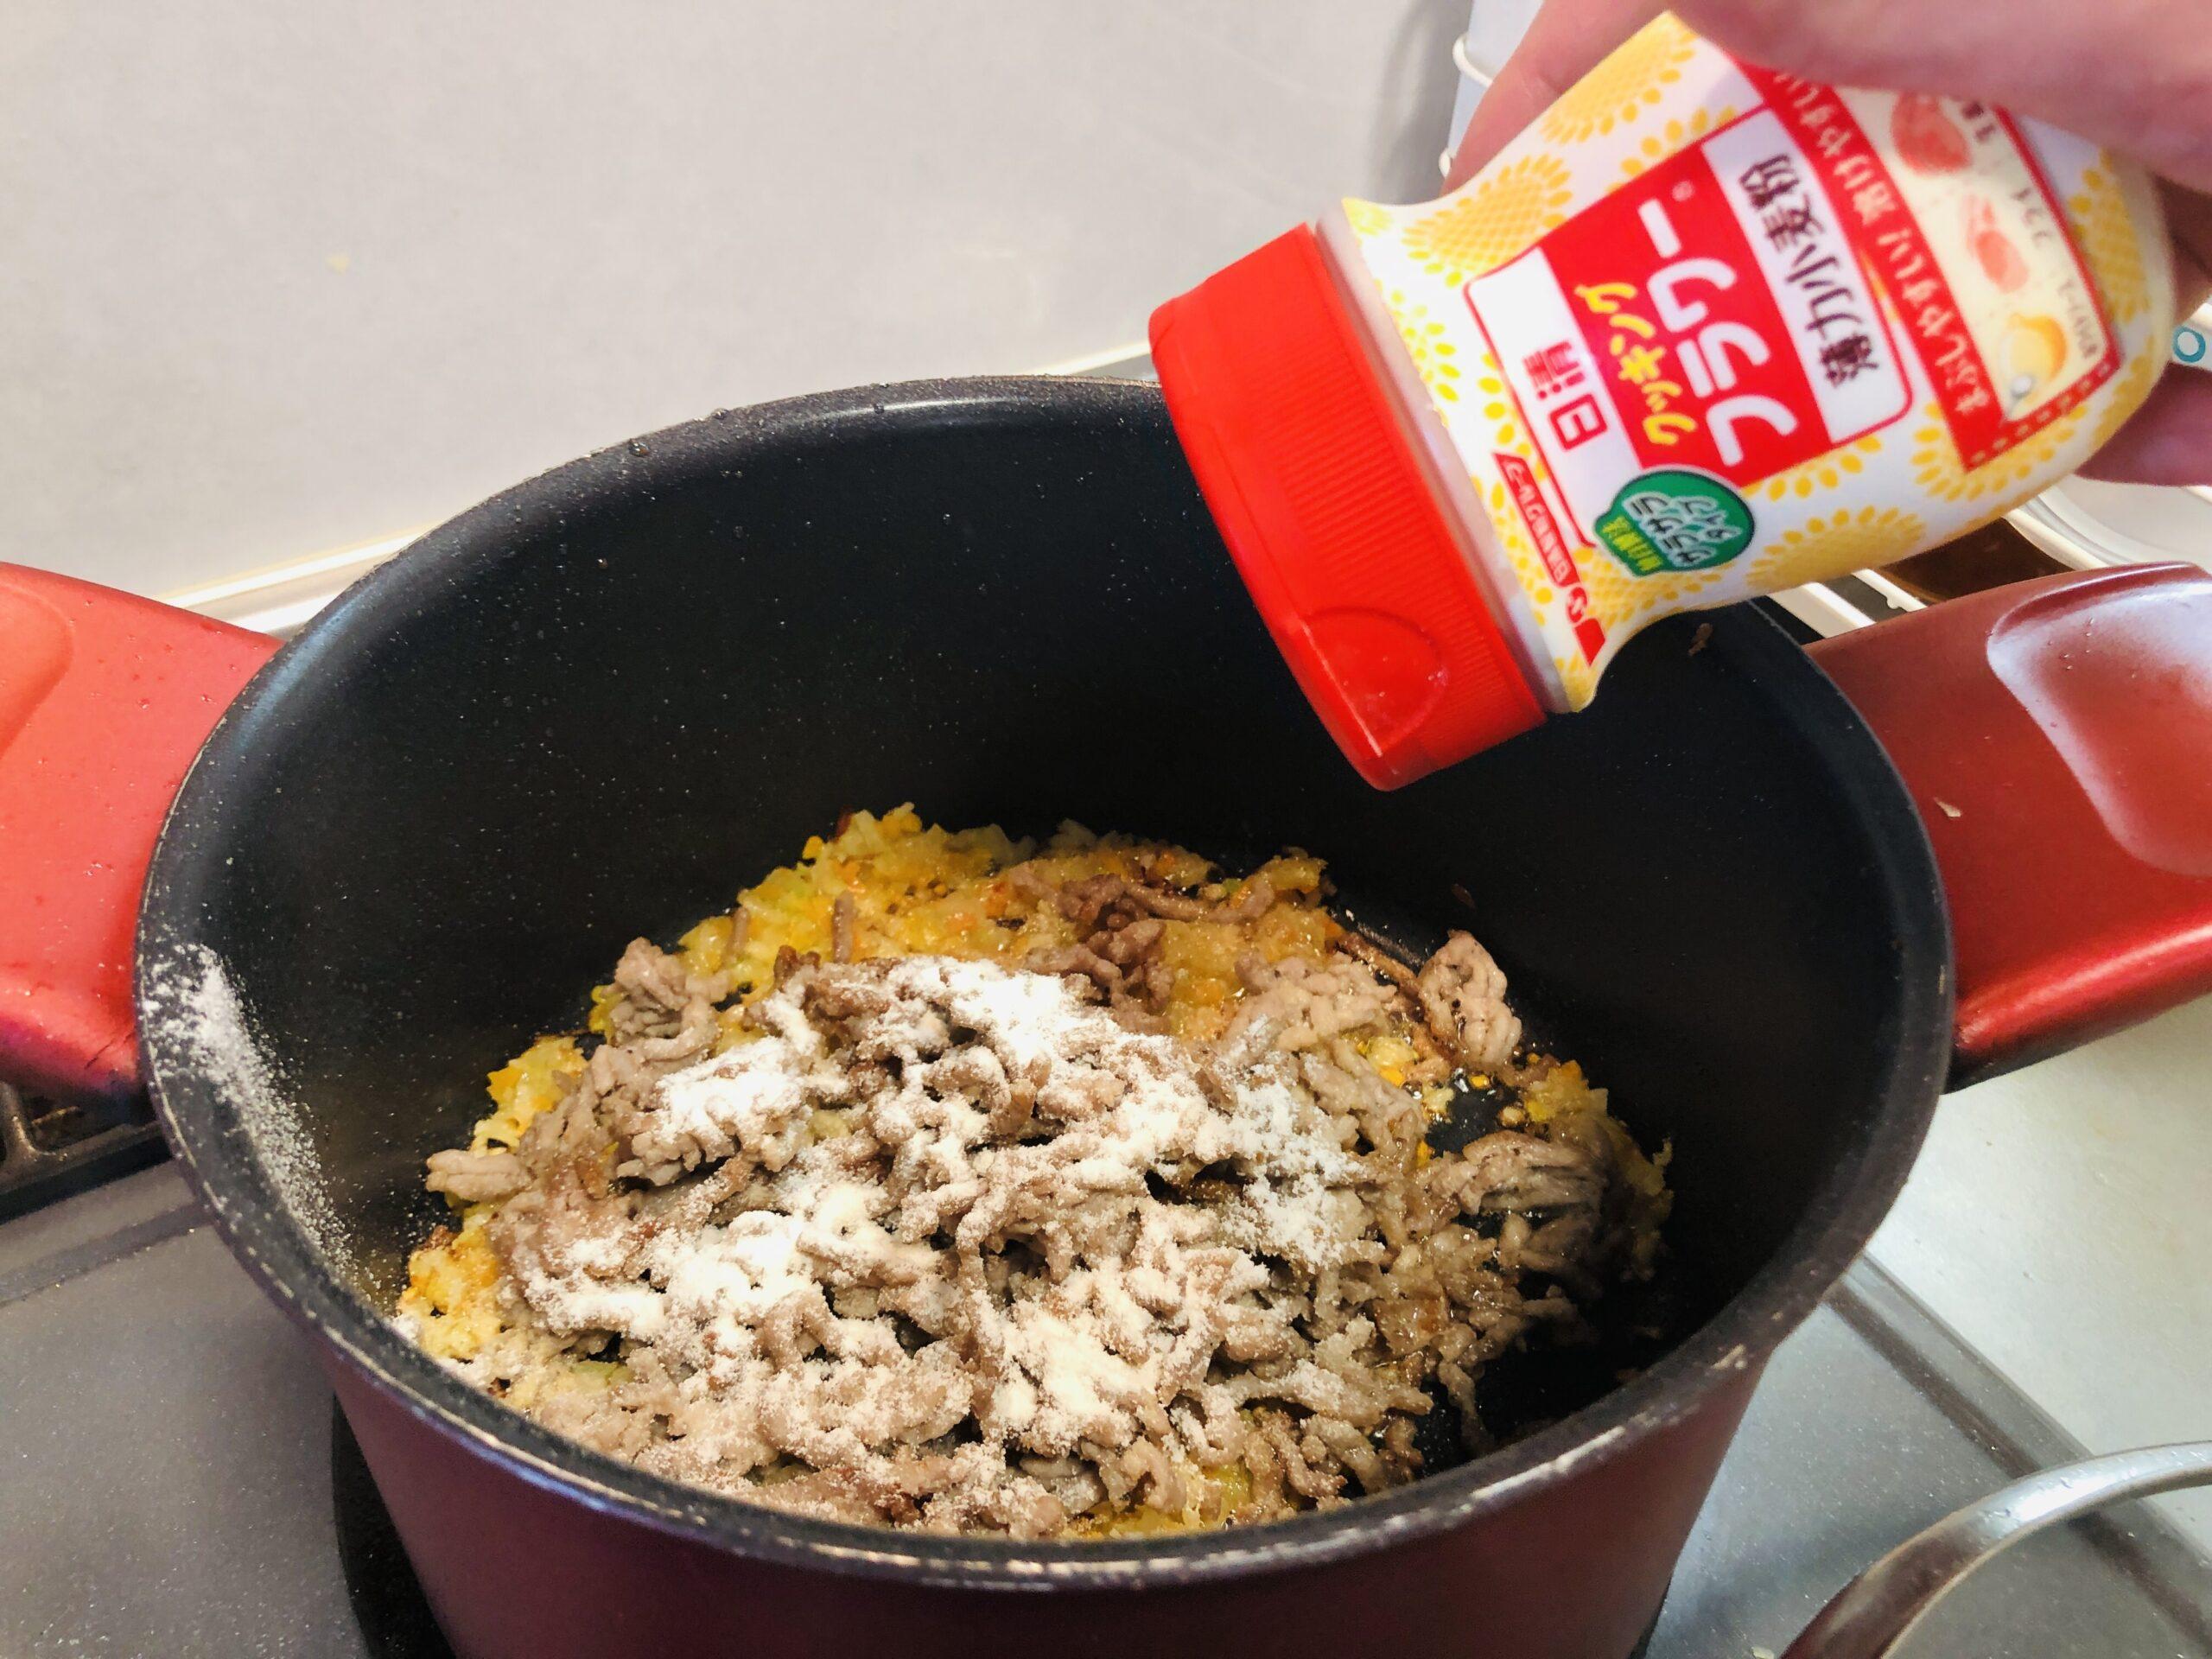 ミンチ肉を戻した鍋に、小麦粉を振り入れる様子の画像です